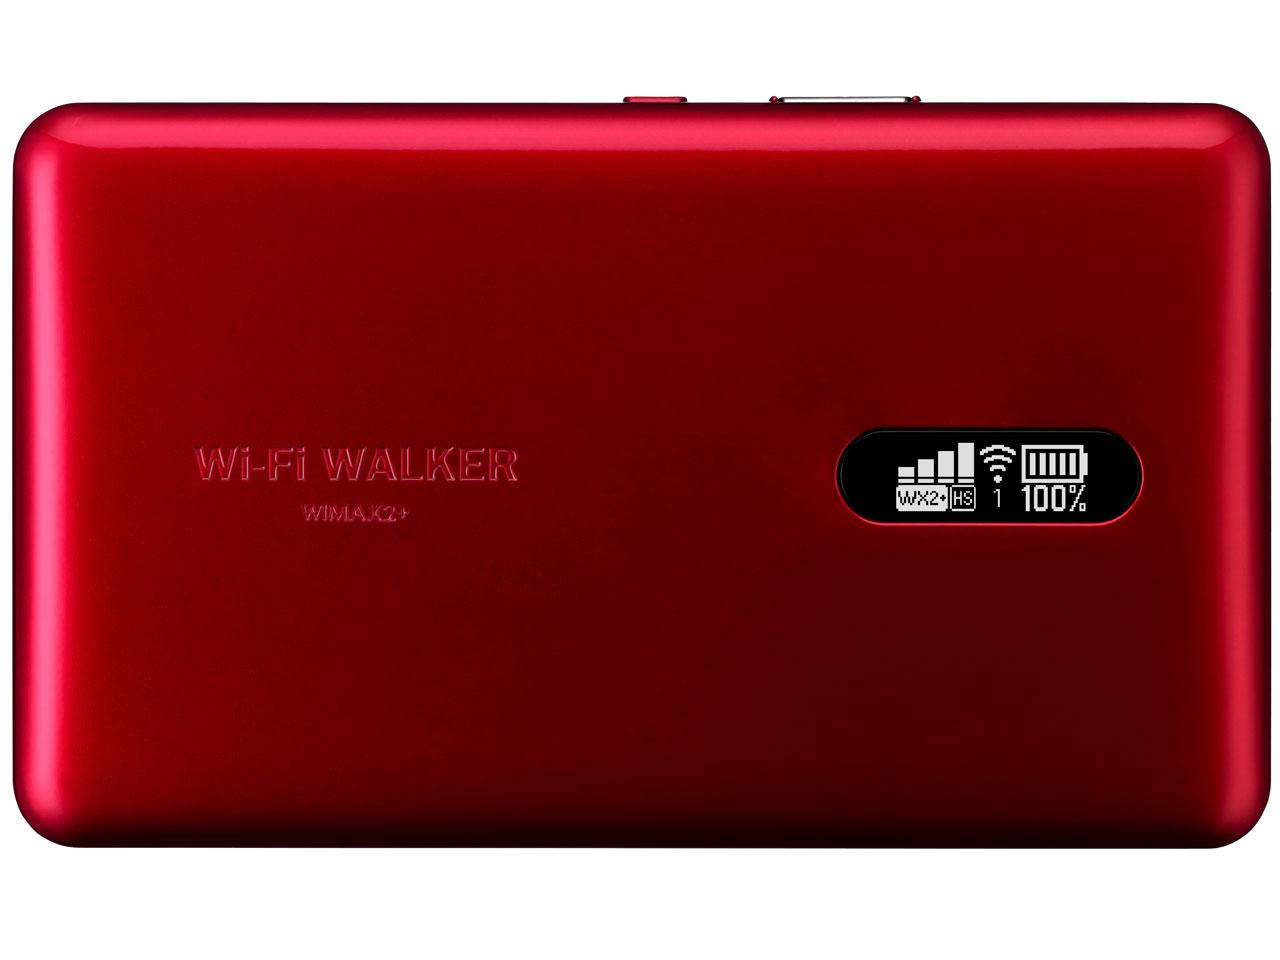 Wi-Fi WALKER WiMAX 2+ NAD11 ���b�h